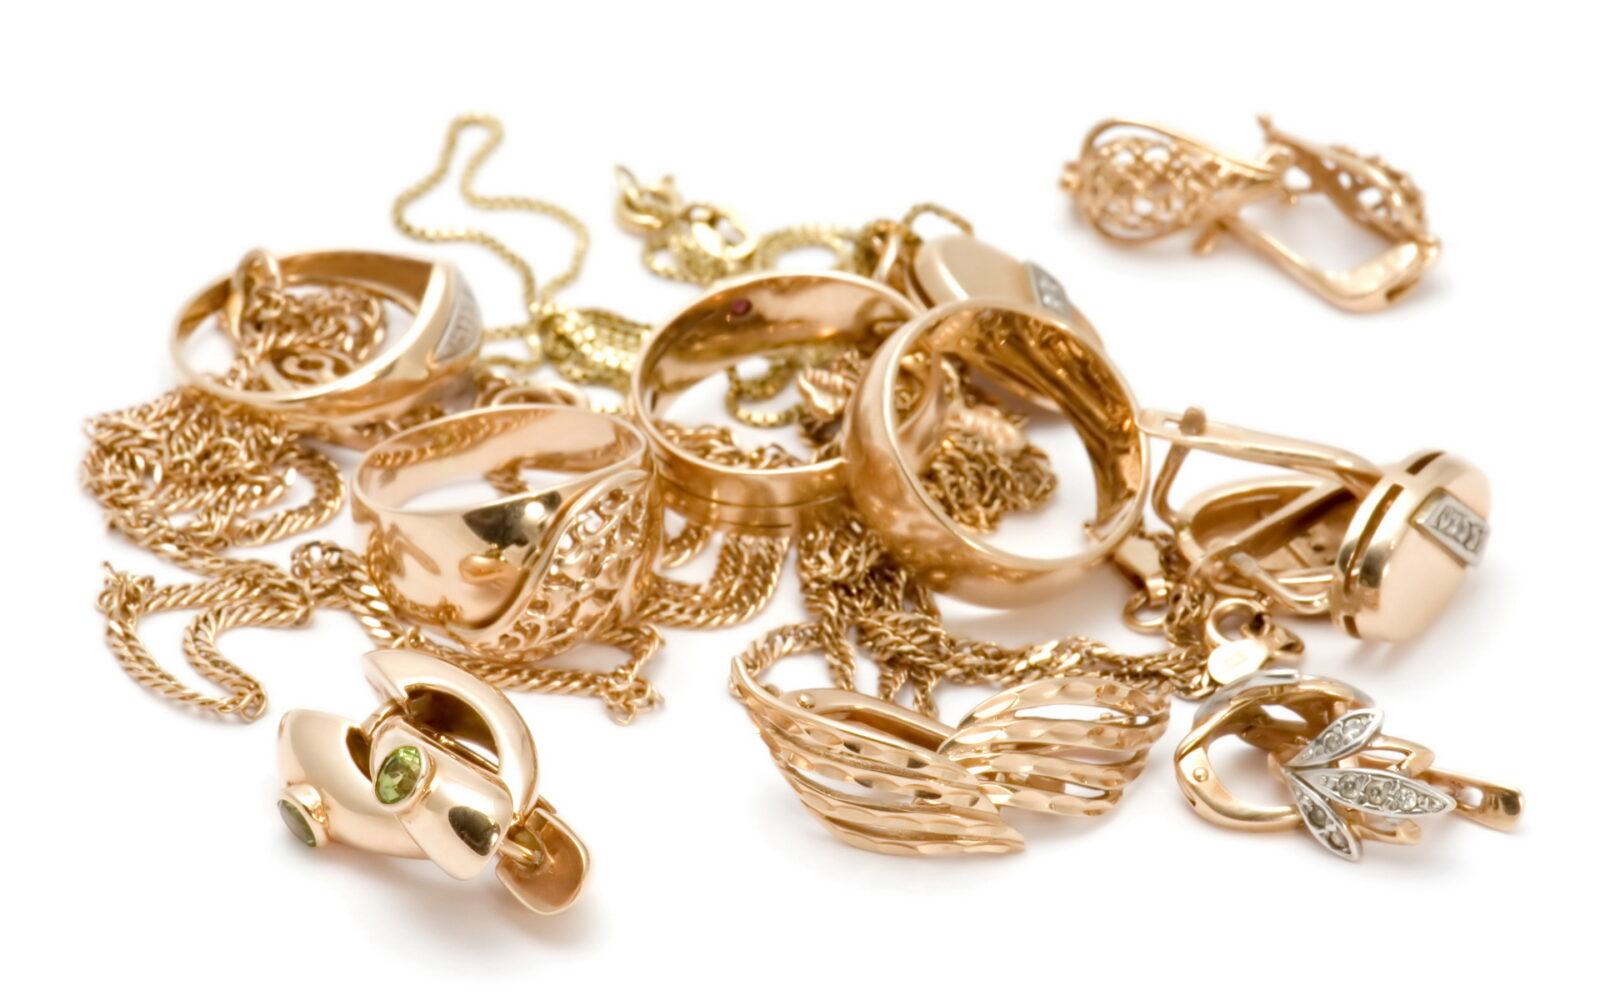 Гражданка Узбекистана пыталась провезти в Россию 800 грамм золота